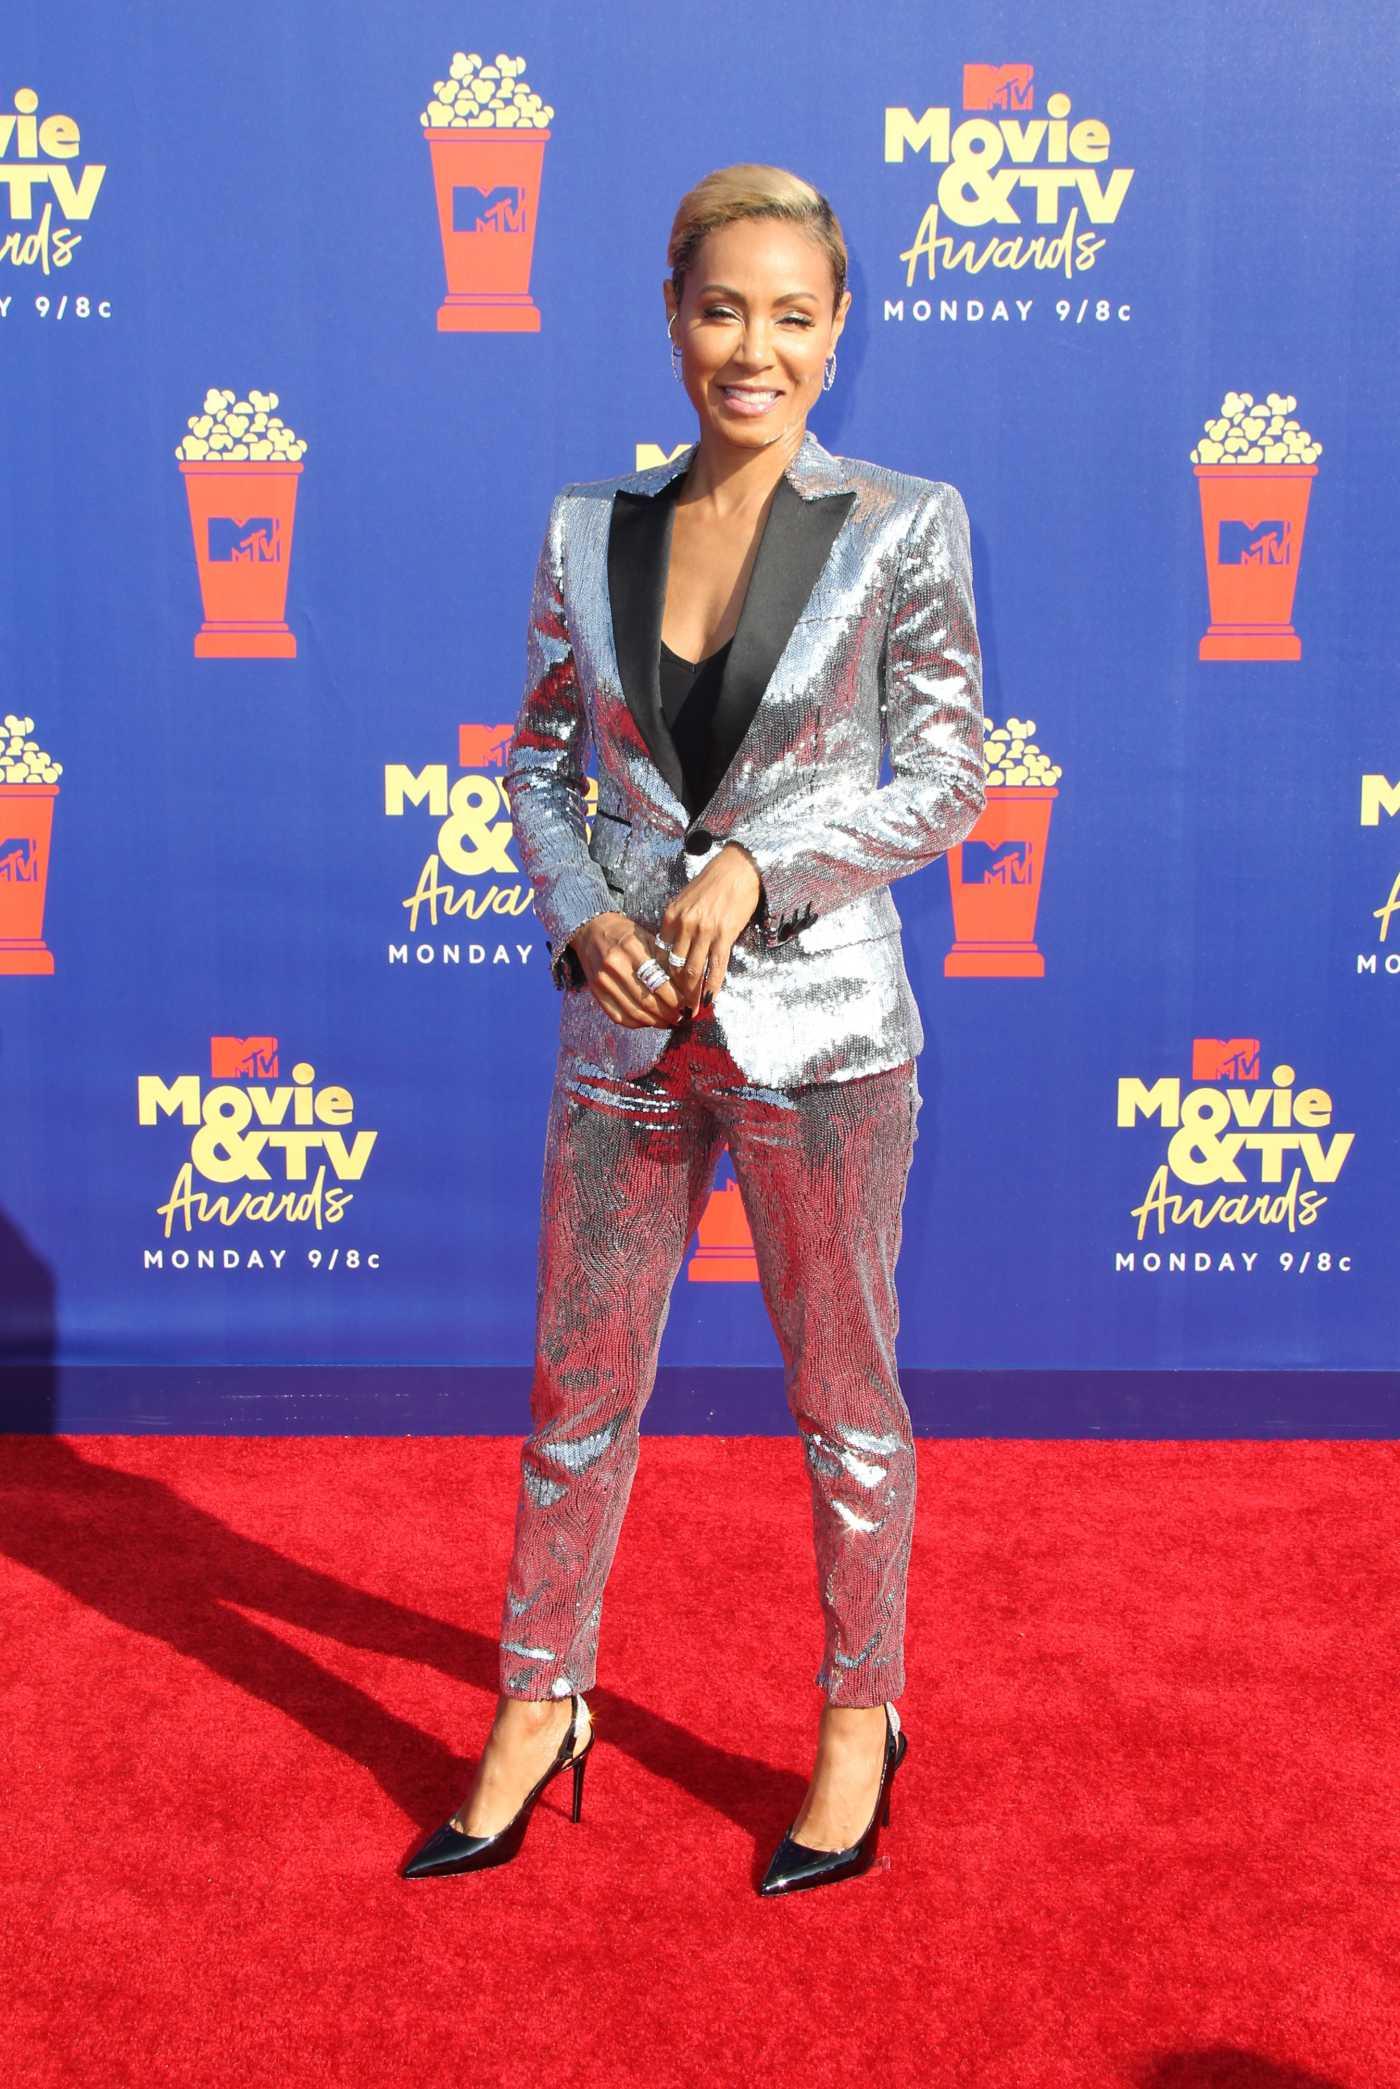 Jada Pinkett Smith Attends 2019 MTV Movie and TV Awards at Barker Hangar in Santa Monica 06/15/2019